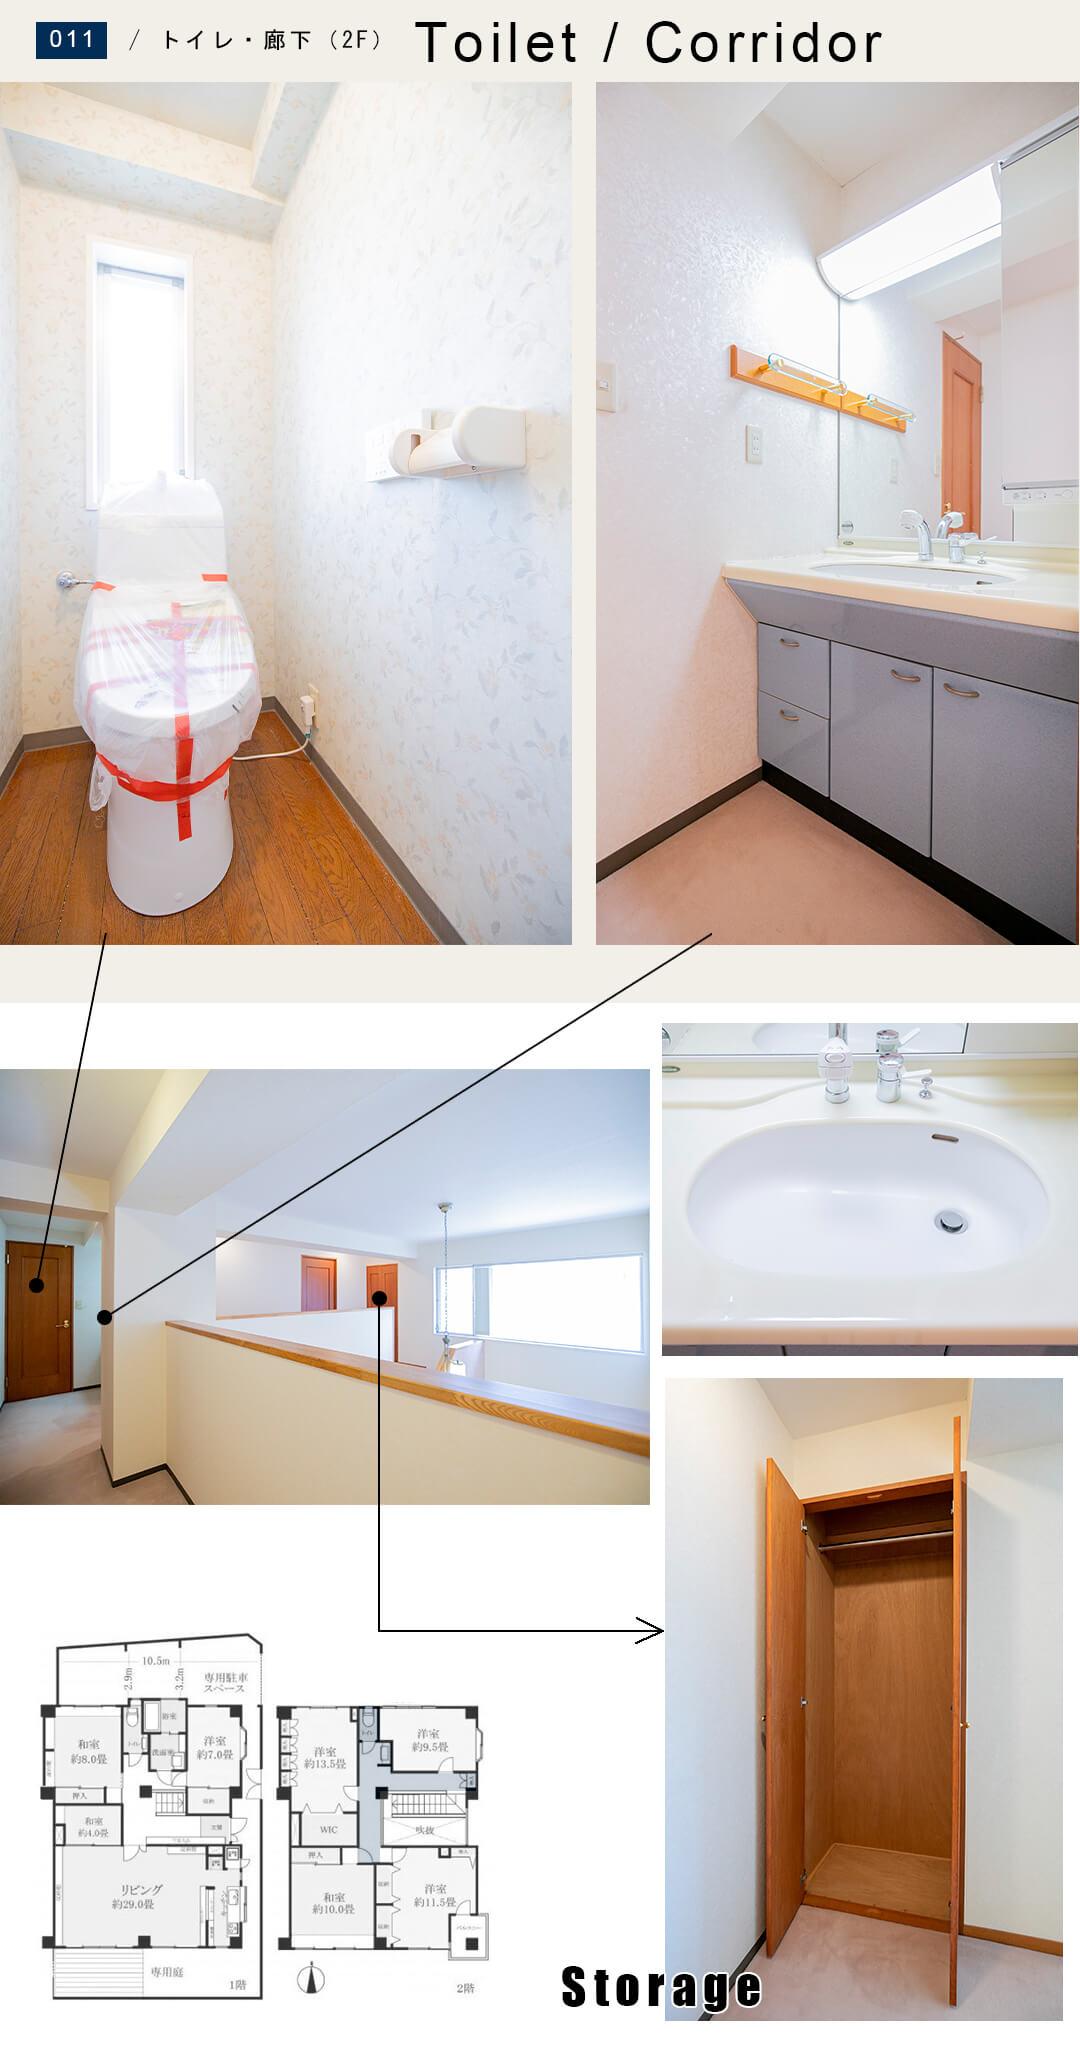 第2経堂シティハウスのトイレと洗面台と廊下